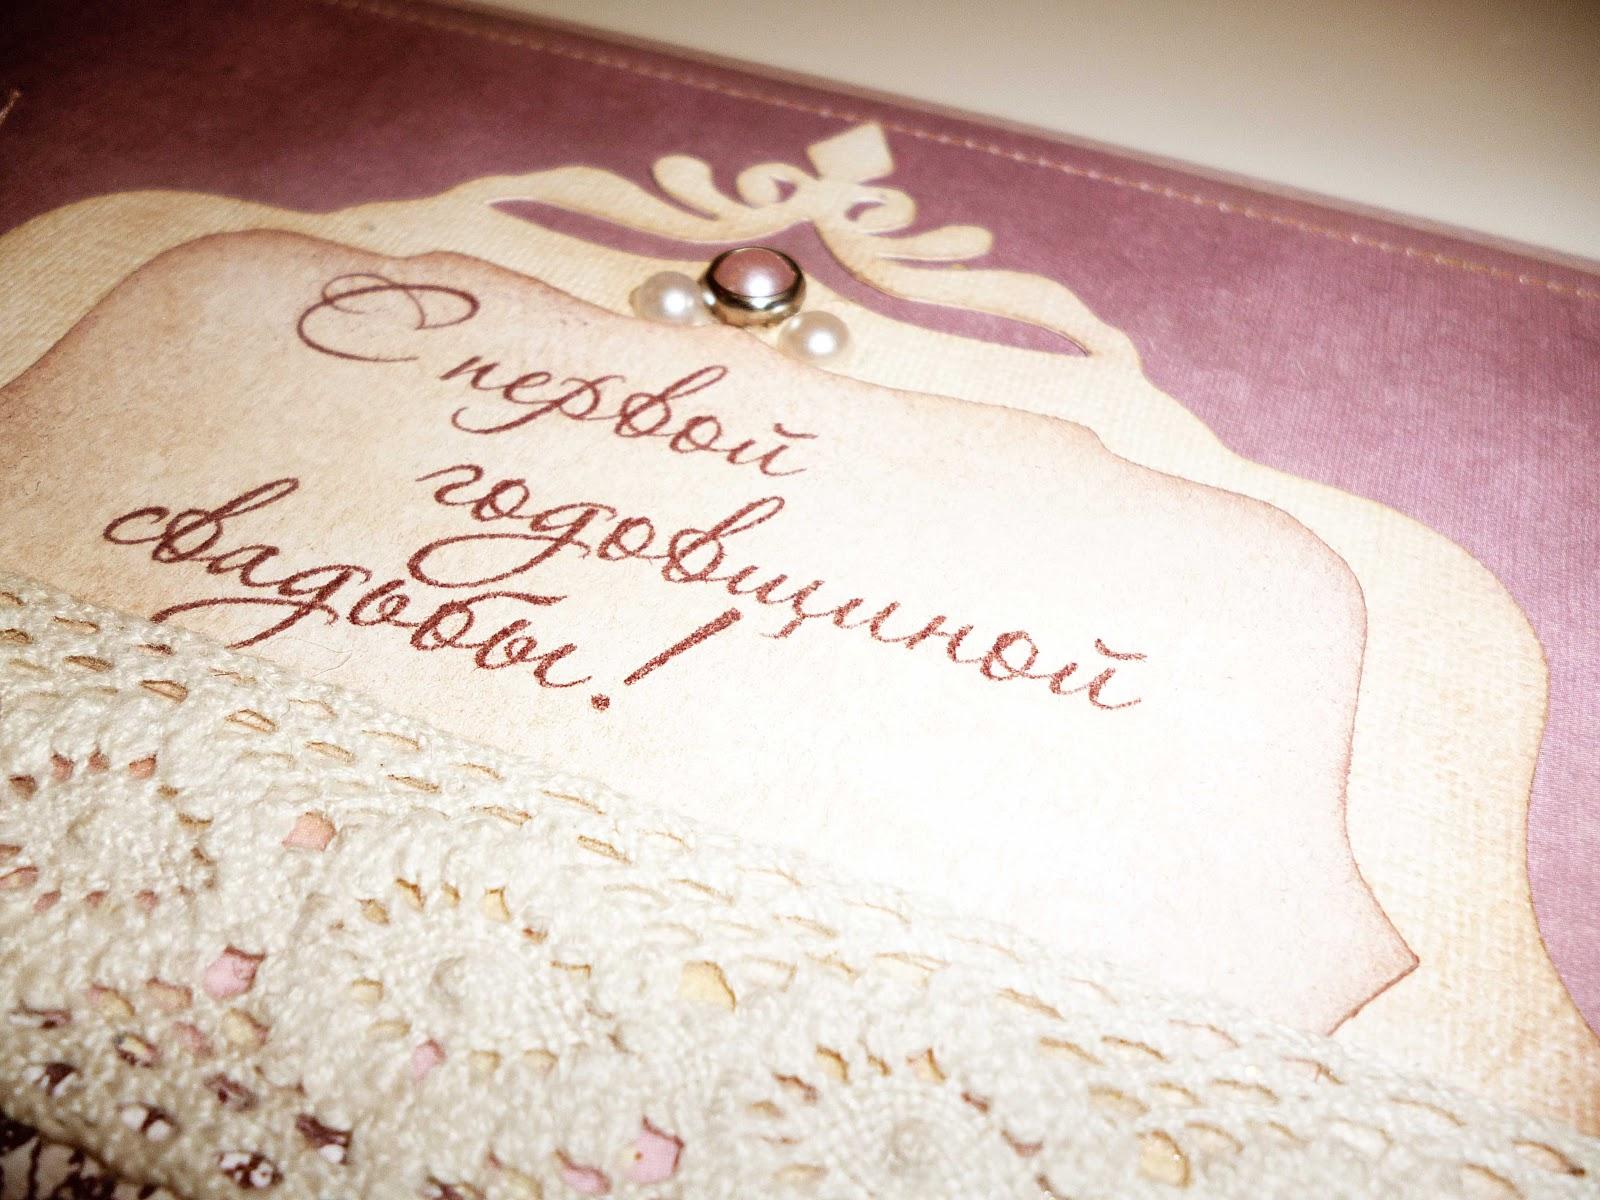 Открытки с ситцевой свадьбой в картинках